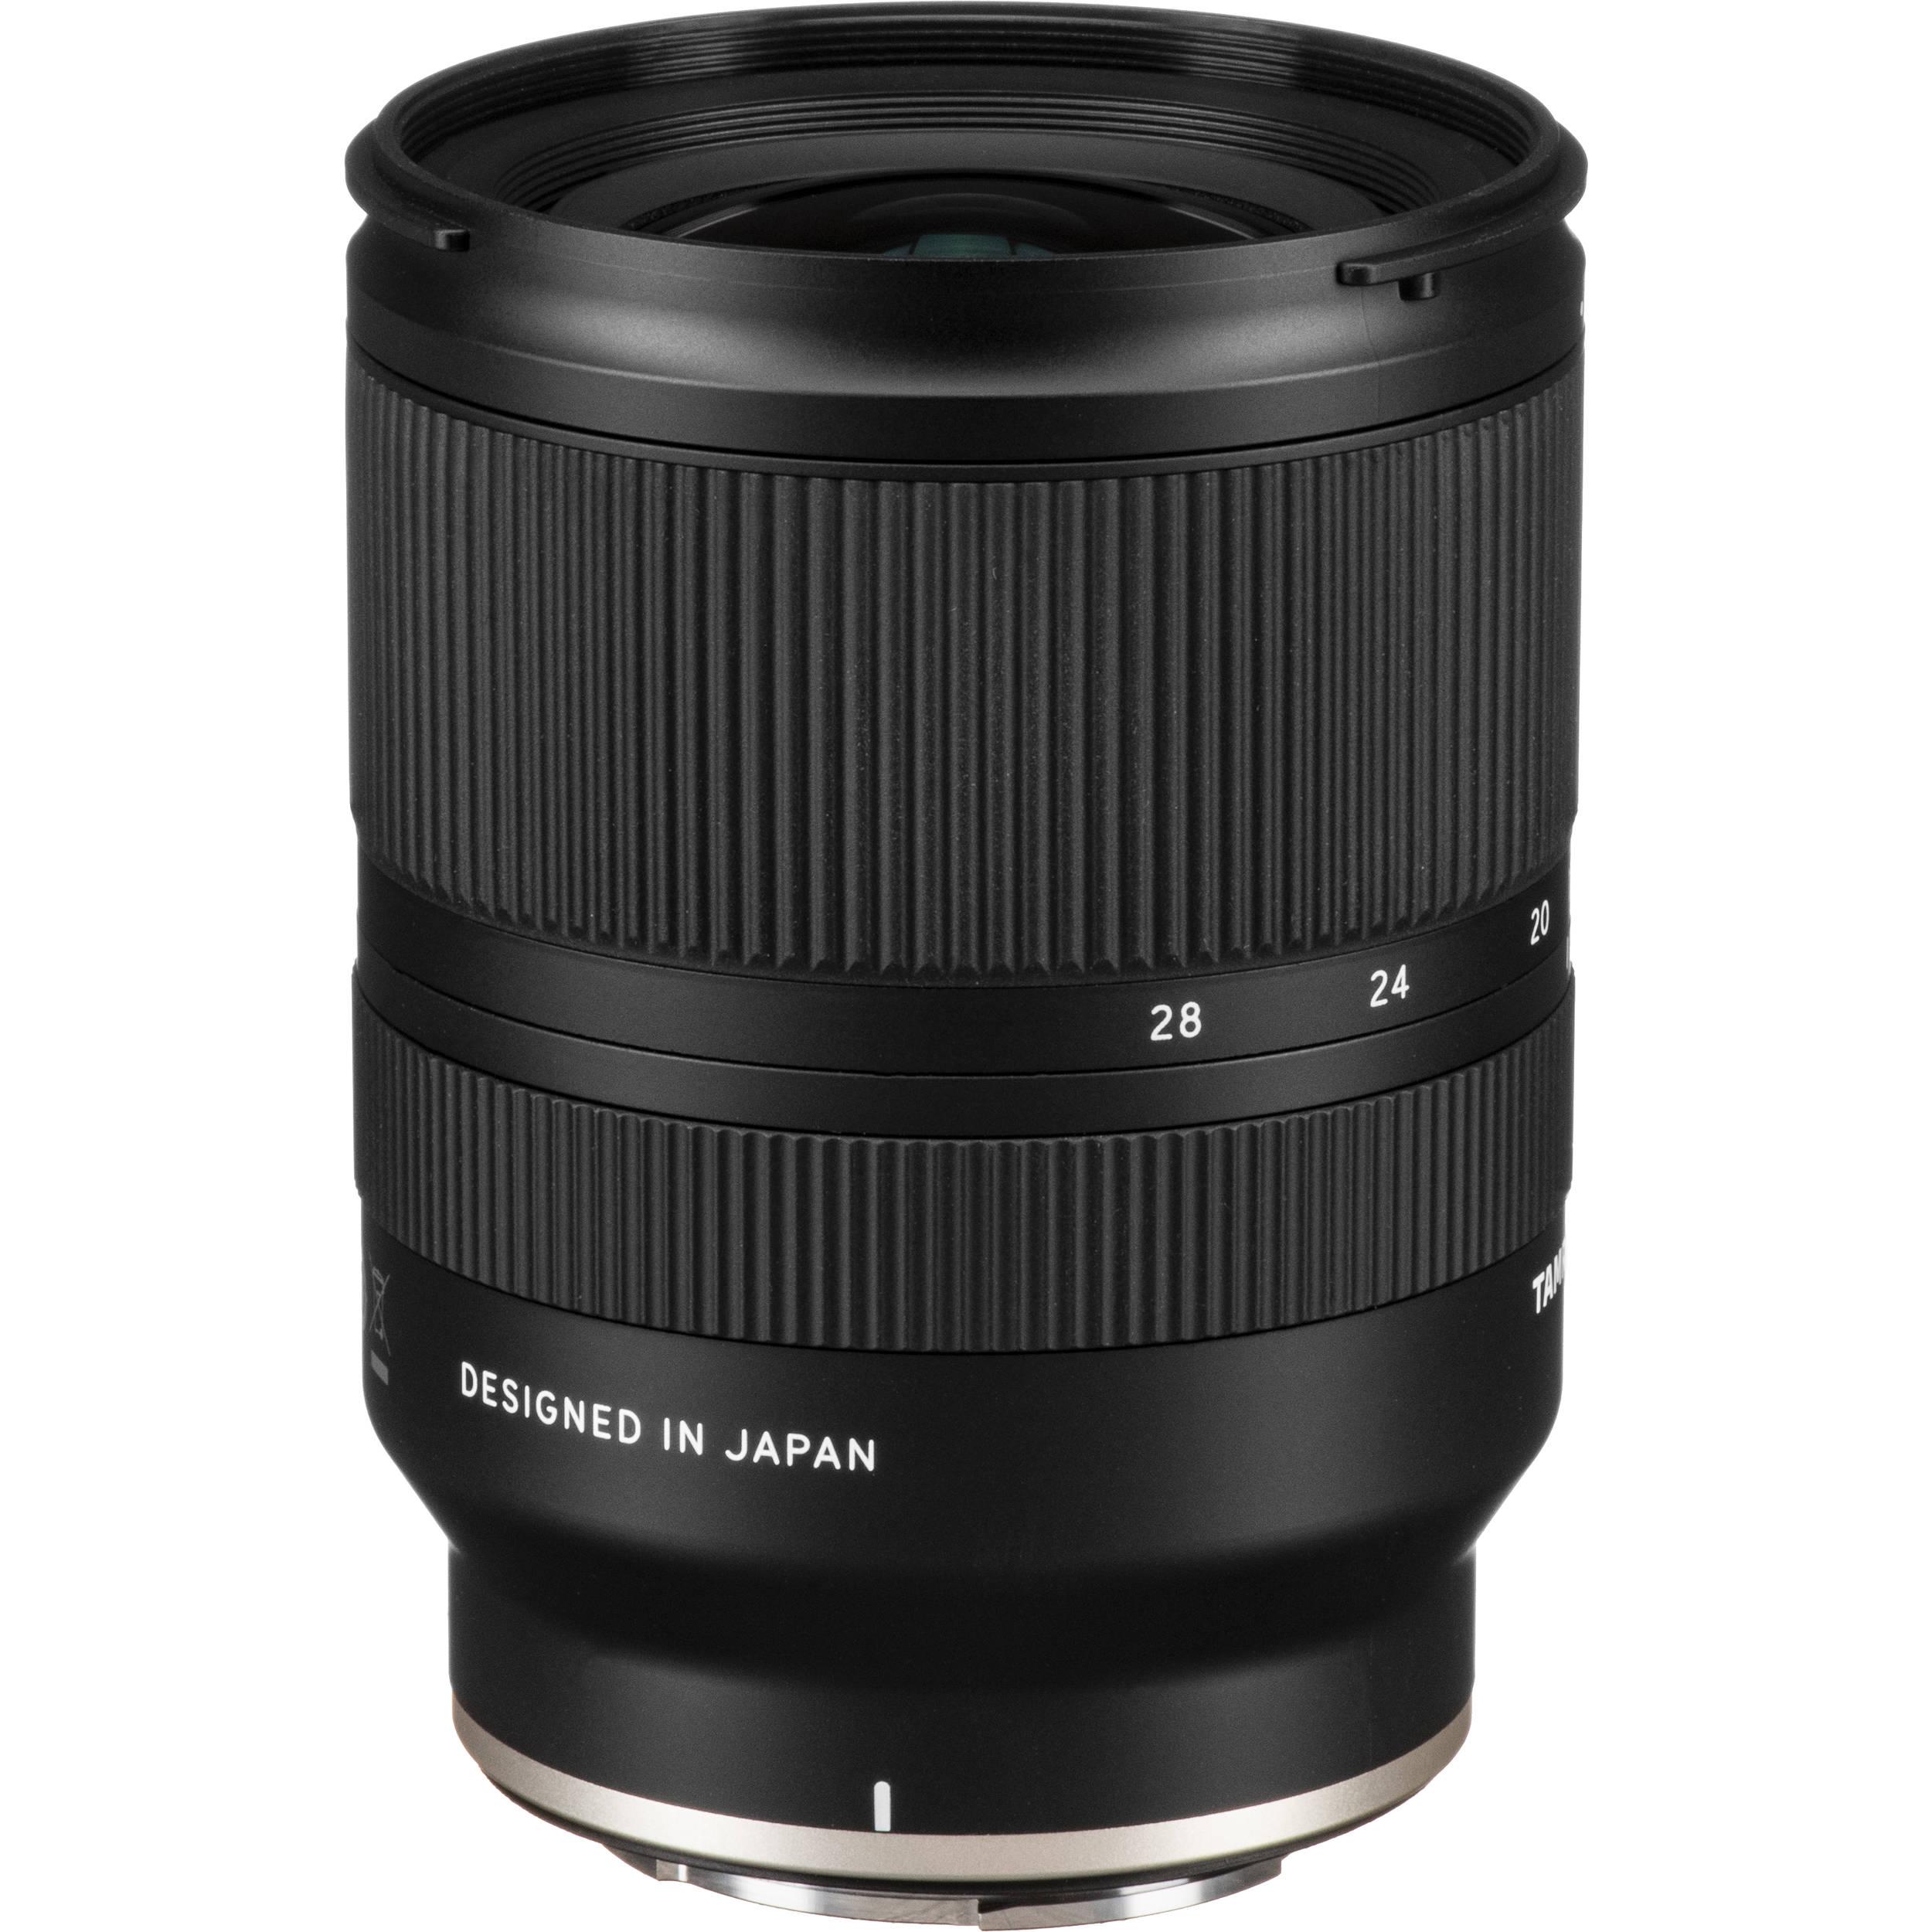 Tamron 17-28mm F2.8 Lens